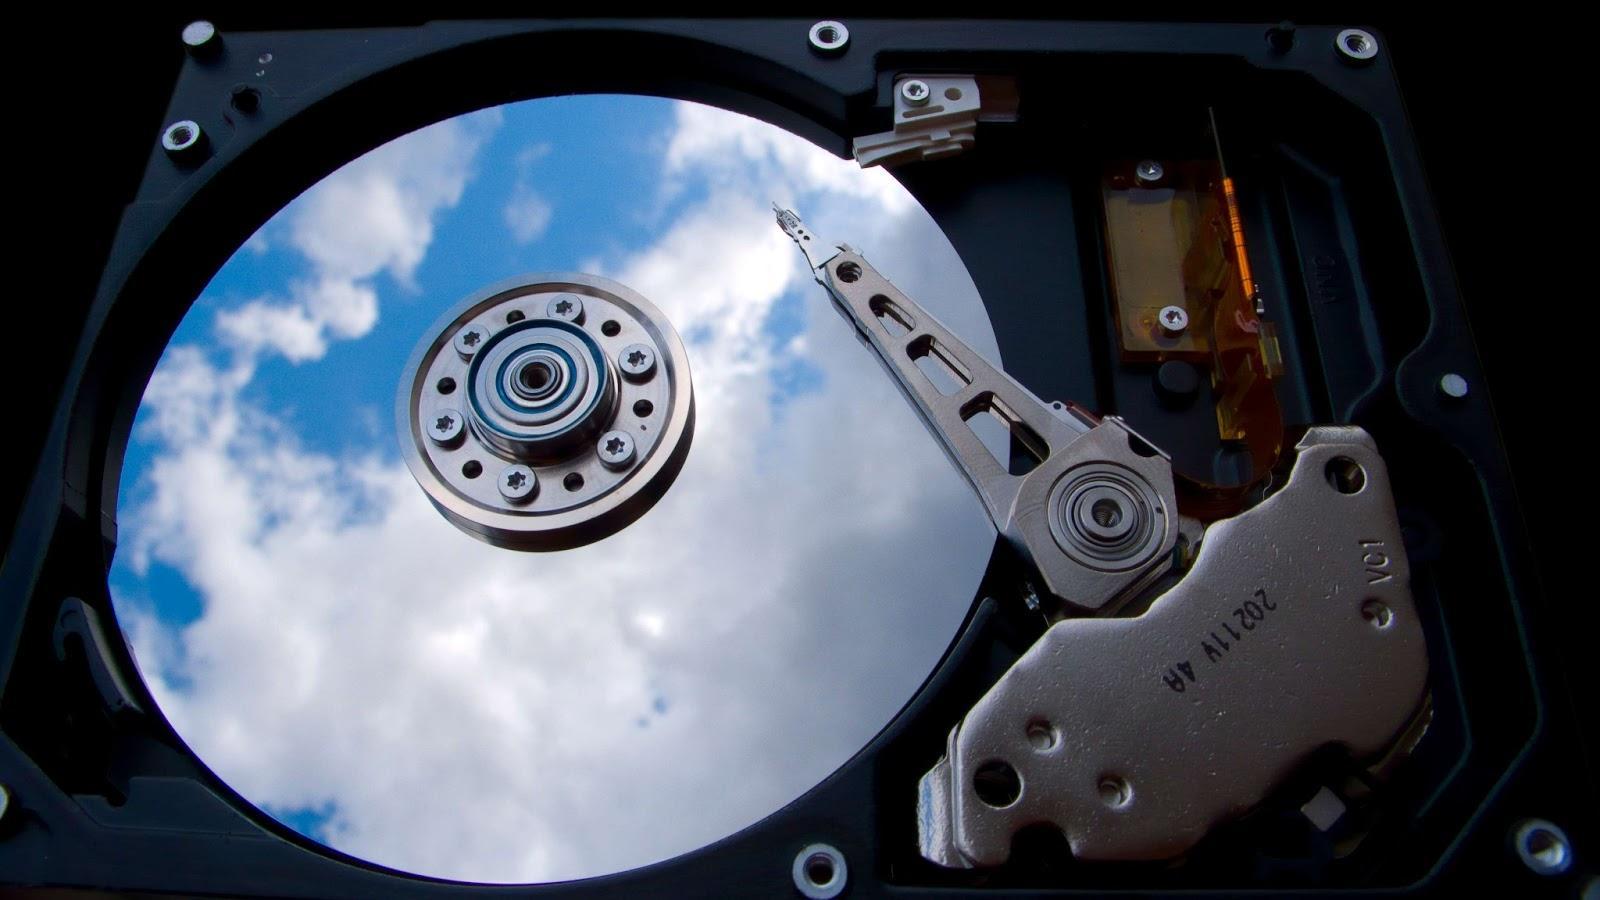 Удаляем виртуальный диск в Windows 10